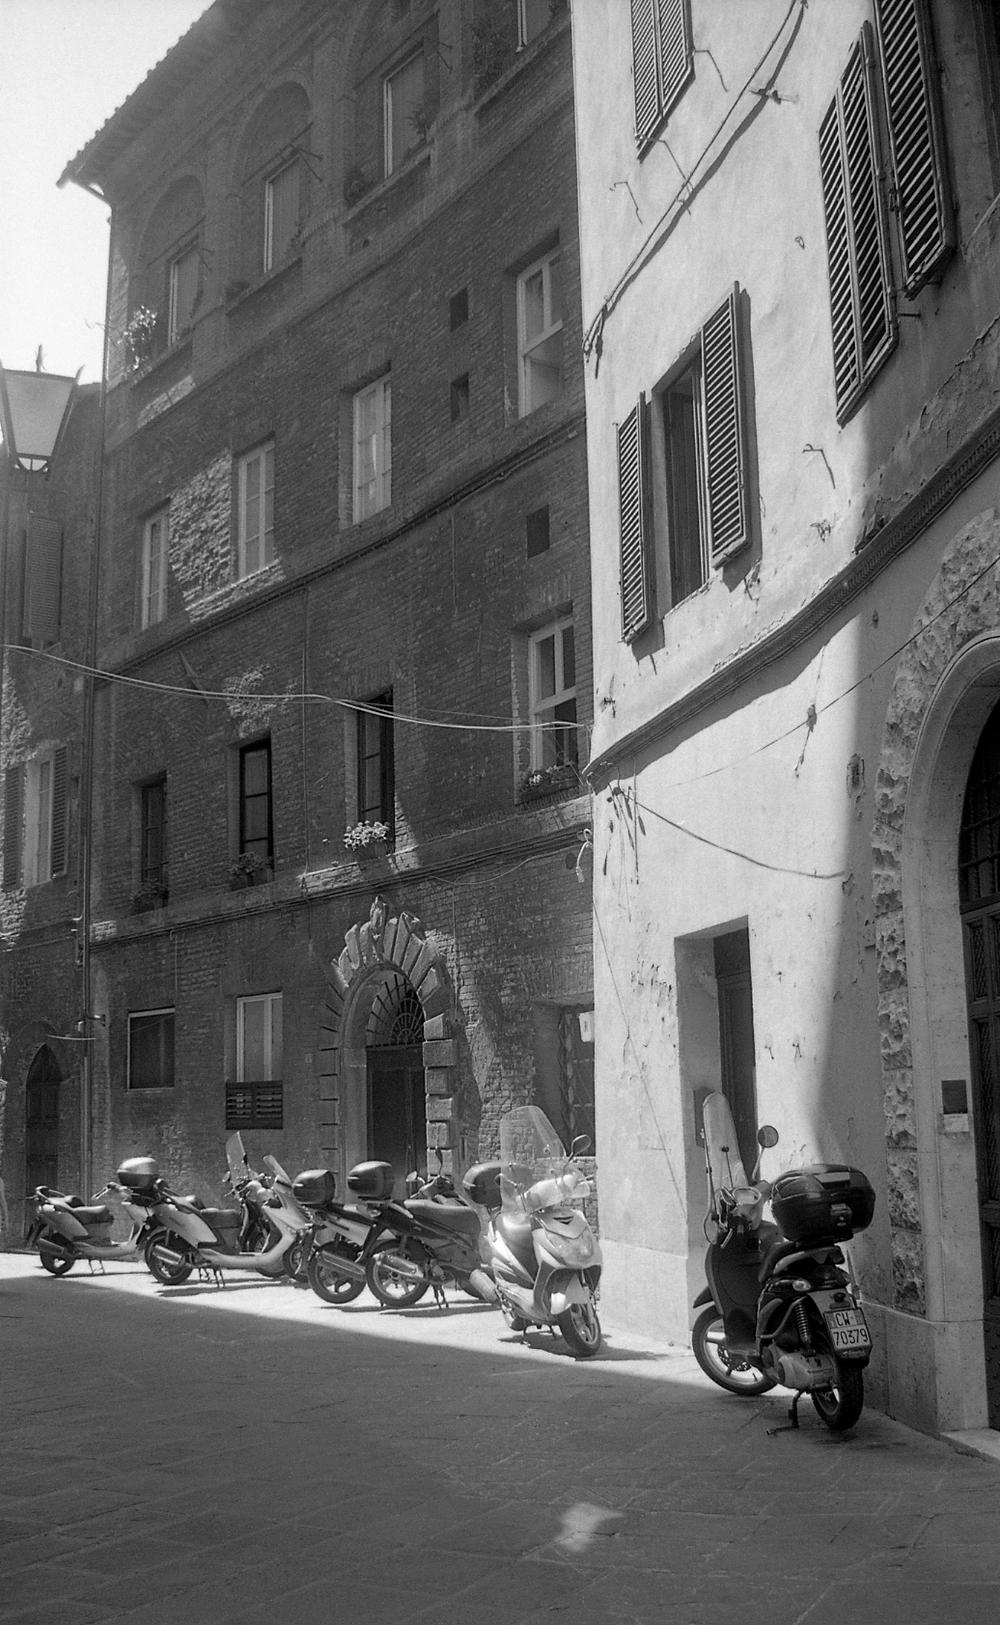 mopeds. 35mm film.